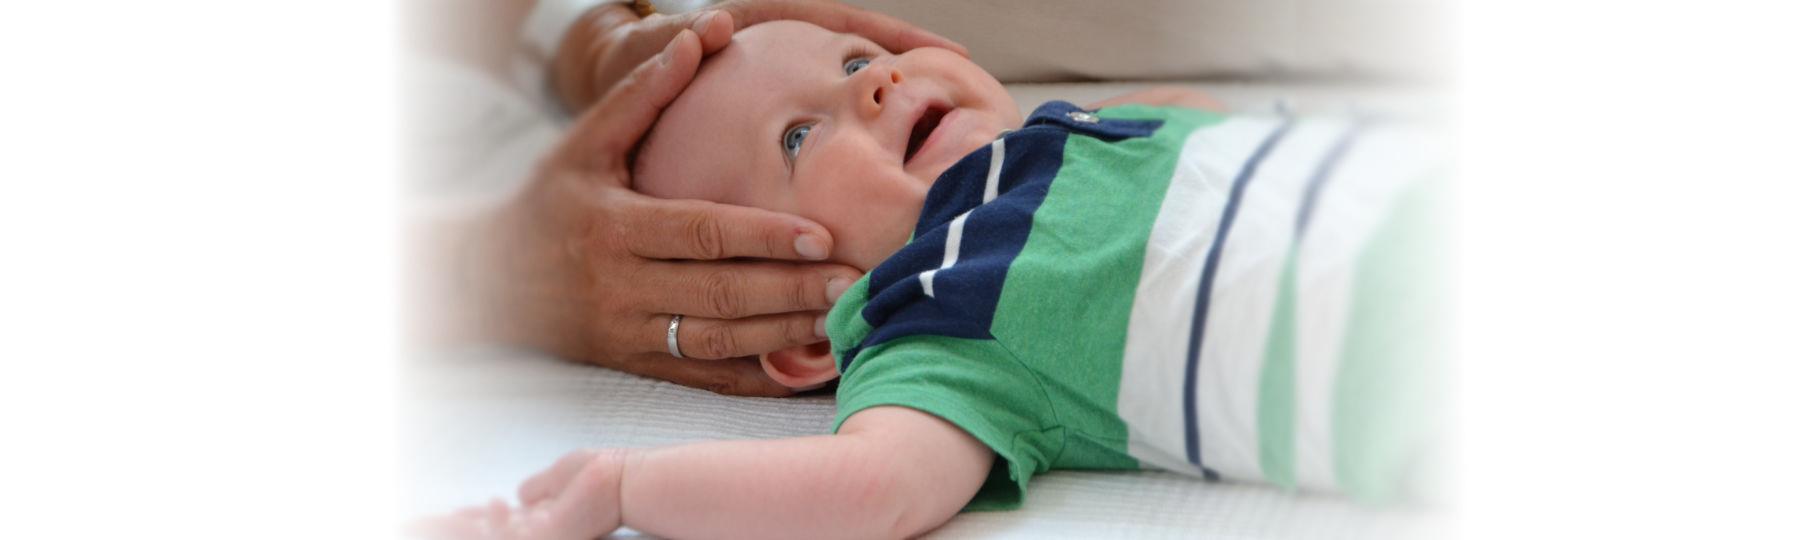 Kind, Kinderosteopathie Behandlung